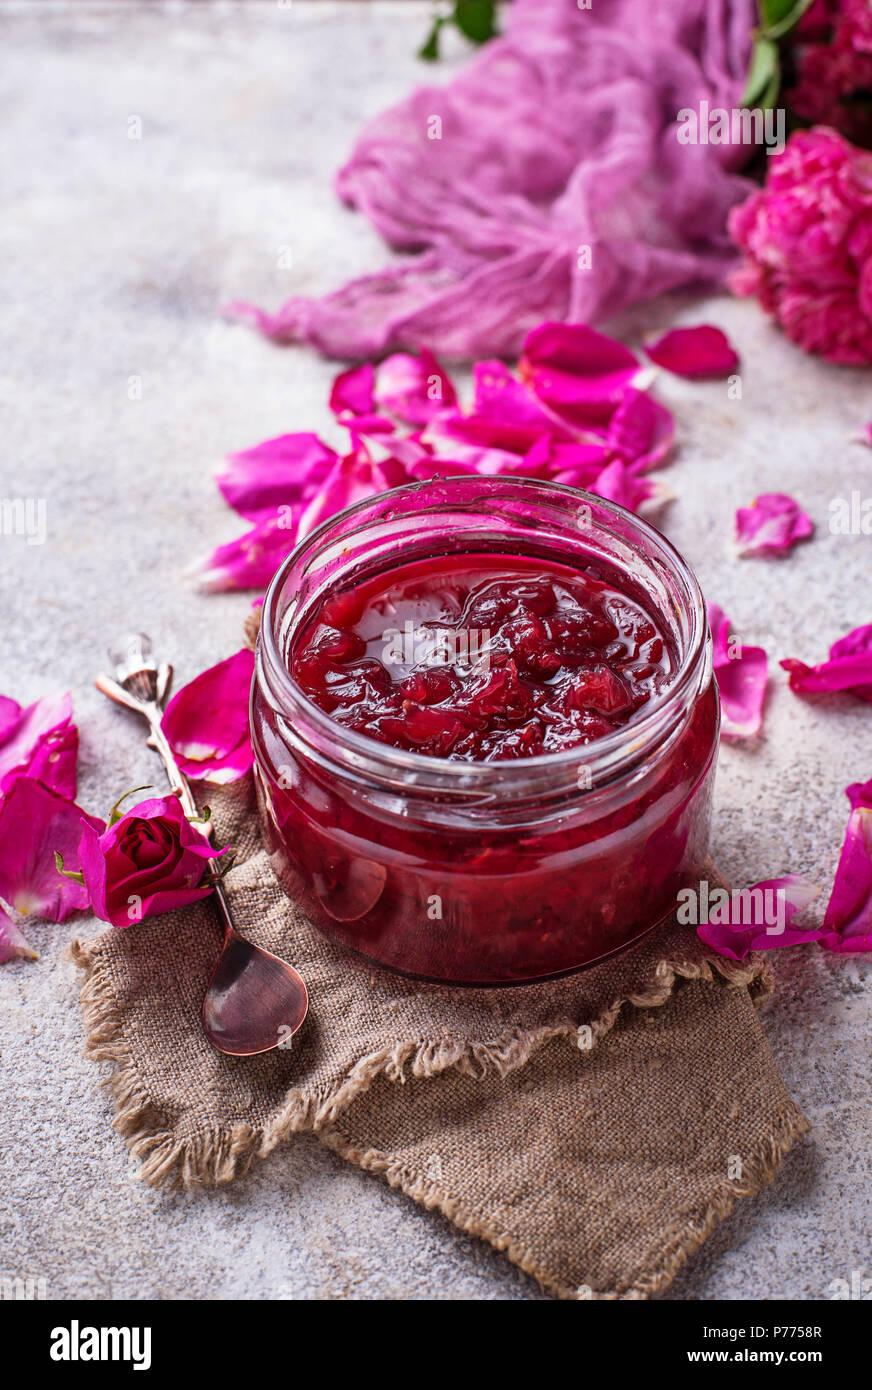 Hausgemachte Marmelade aus Rosenblättern. Selektiver Fokus Stockfoto